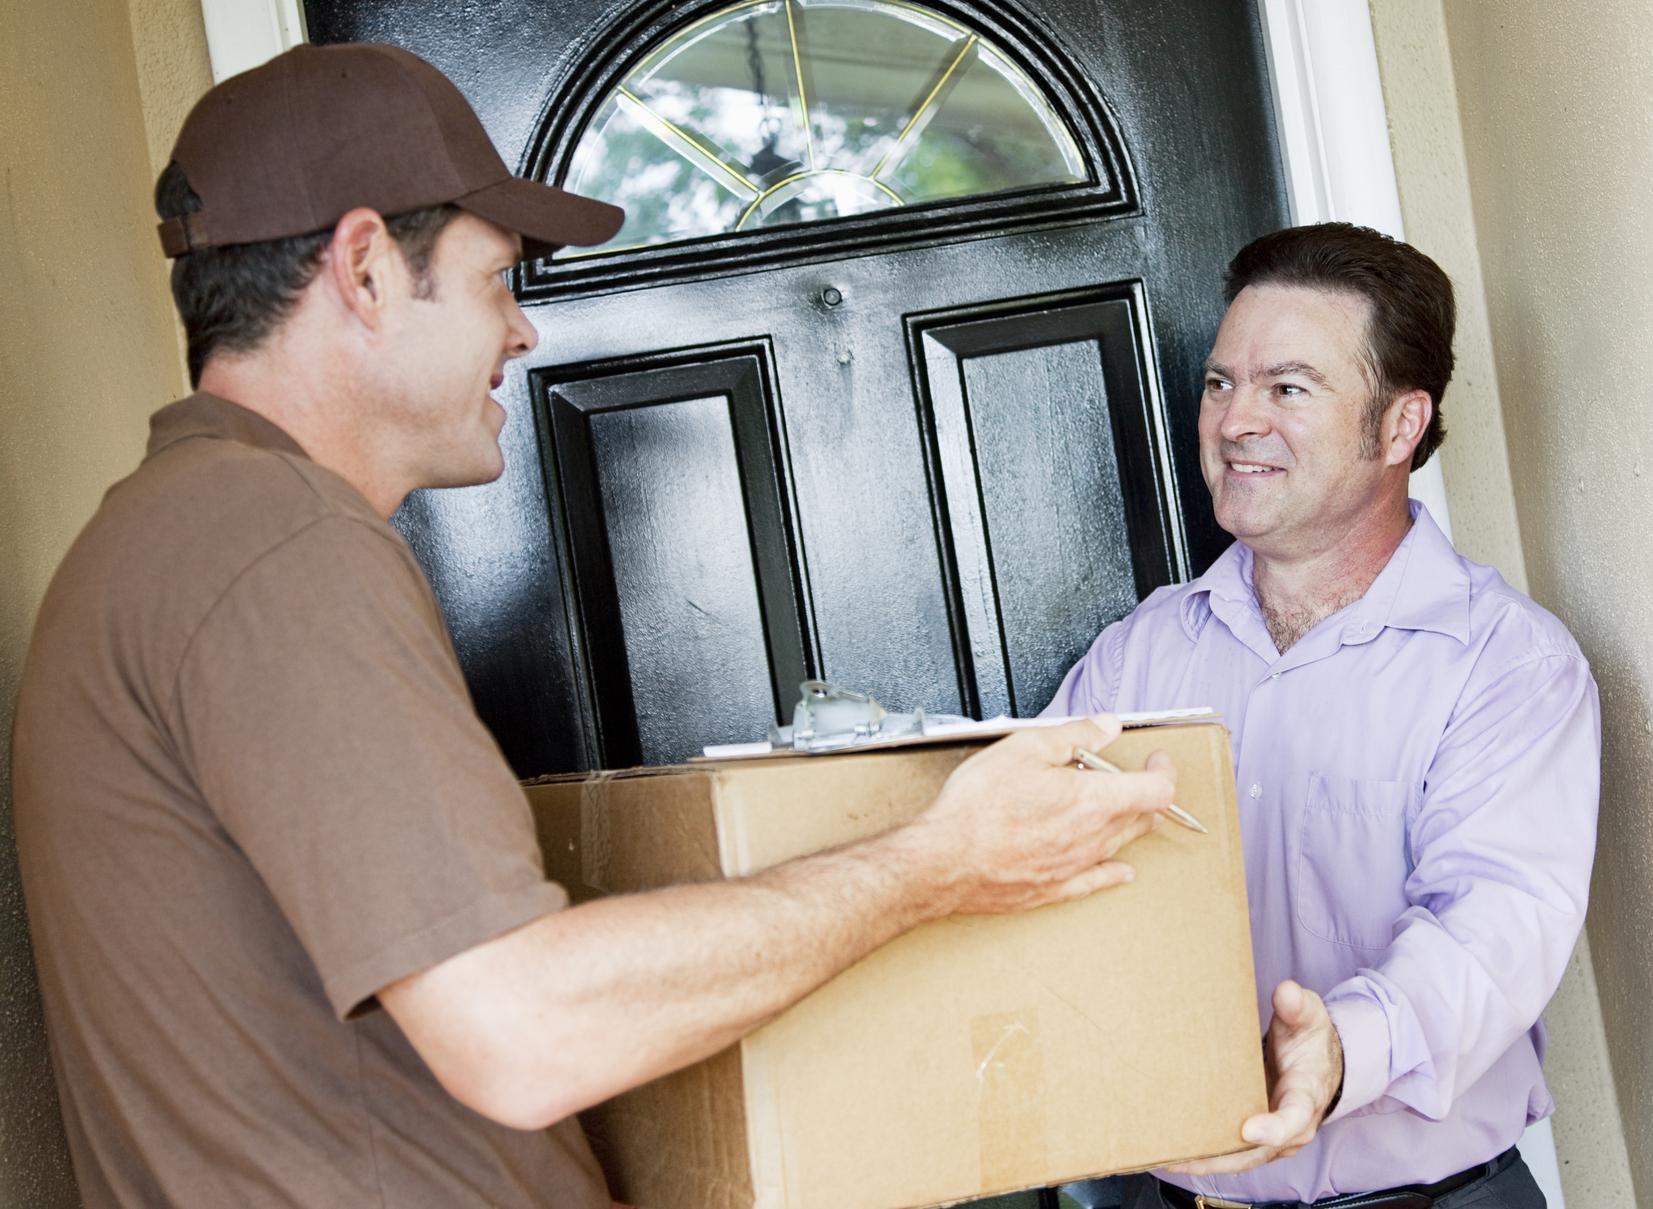 Zwrot towaru zakupionego przez Internet – kto ponosi koszty przesyłki?